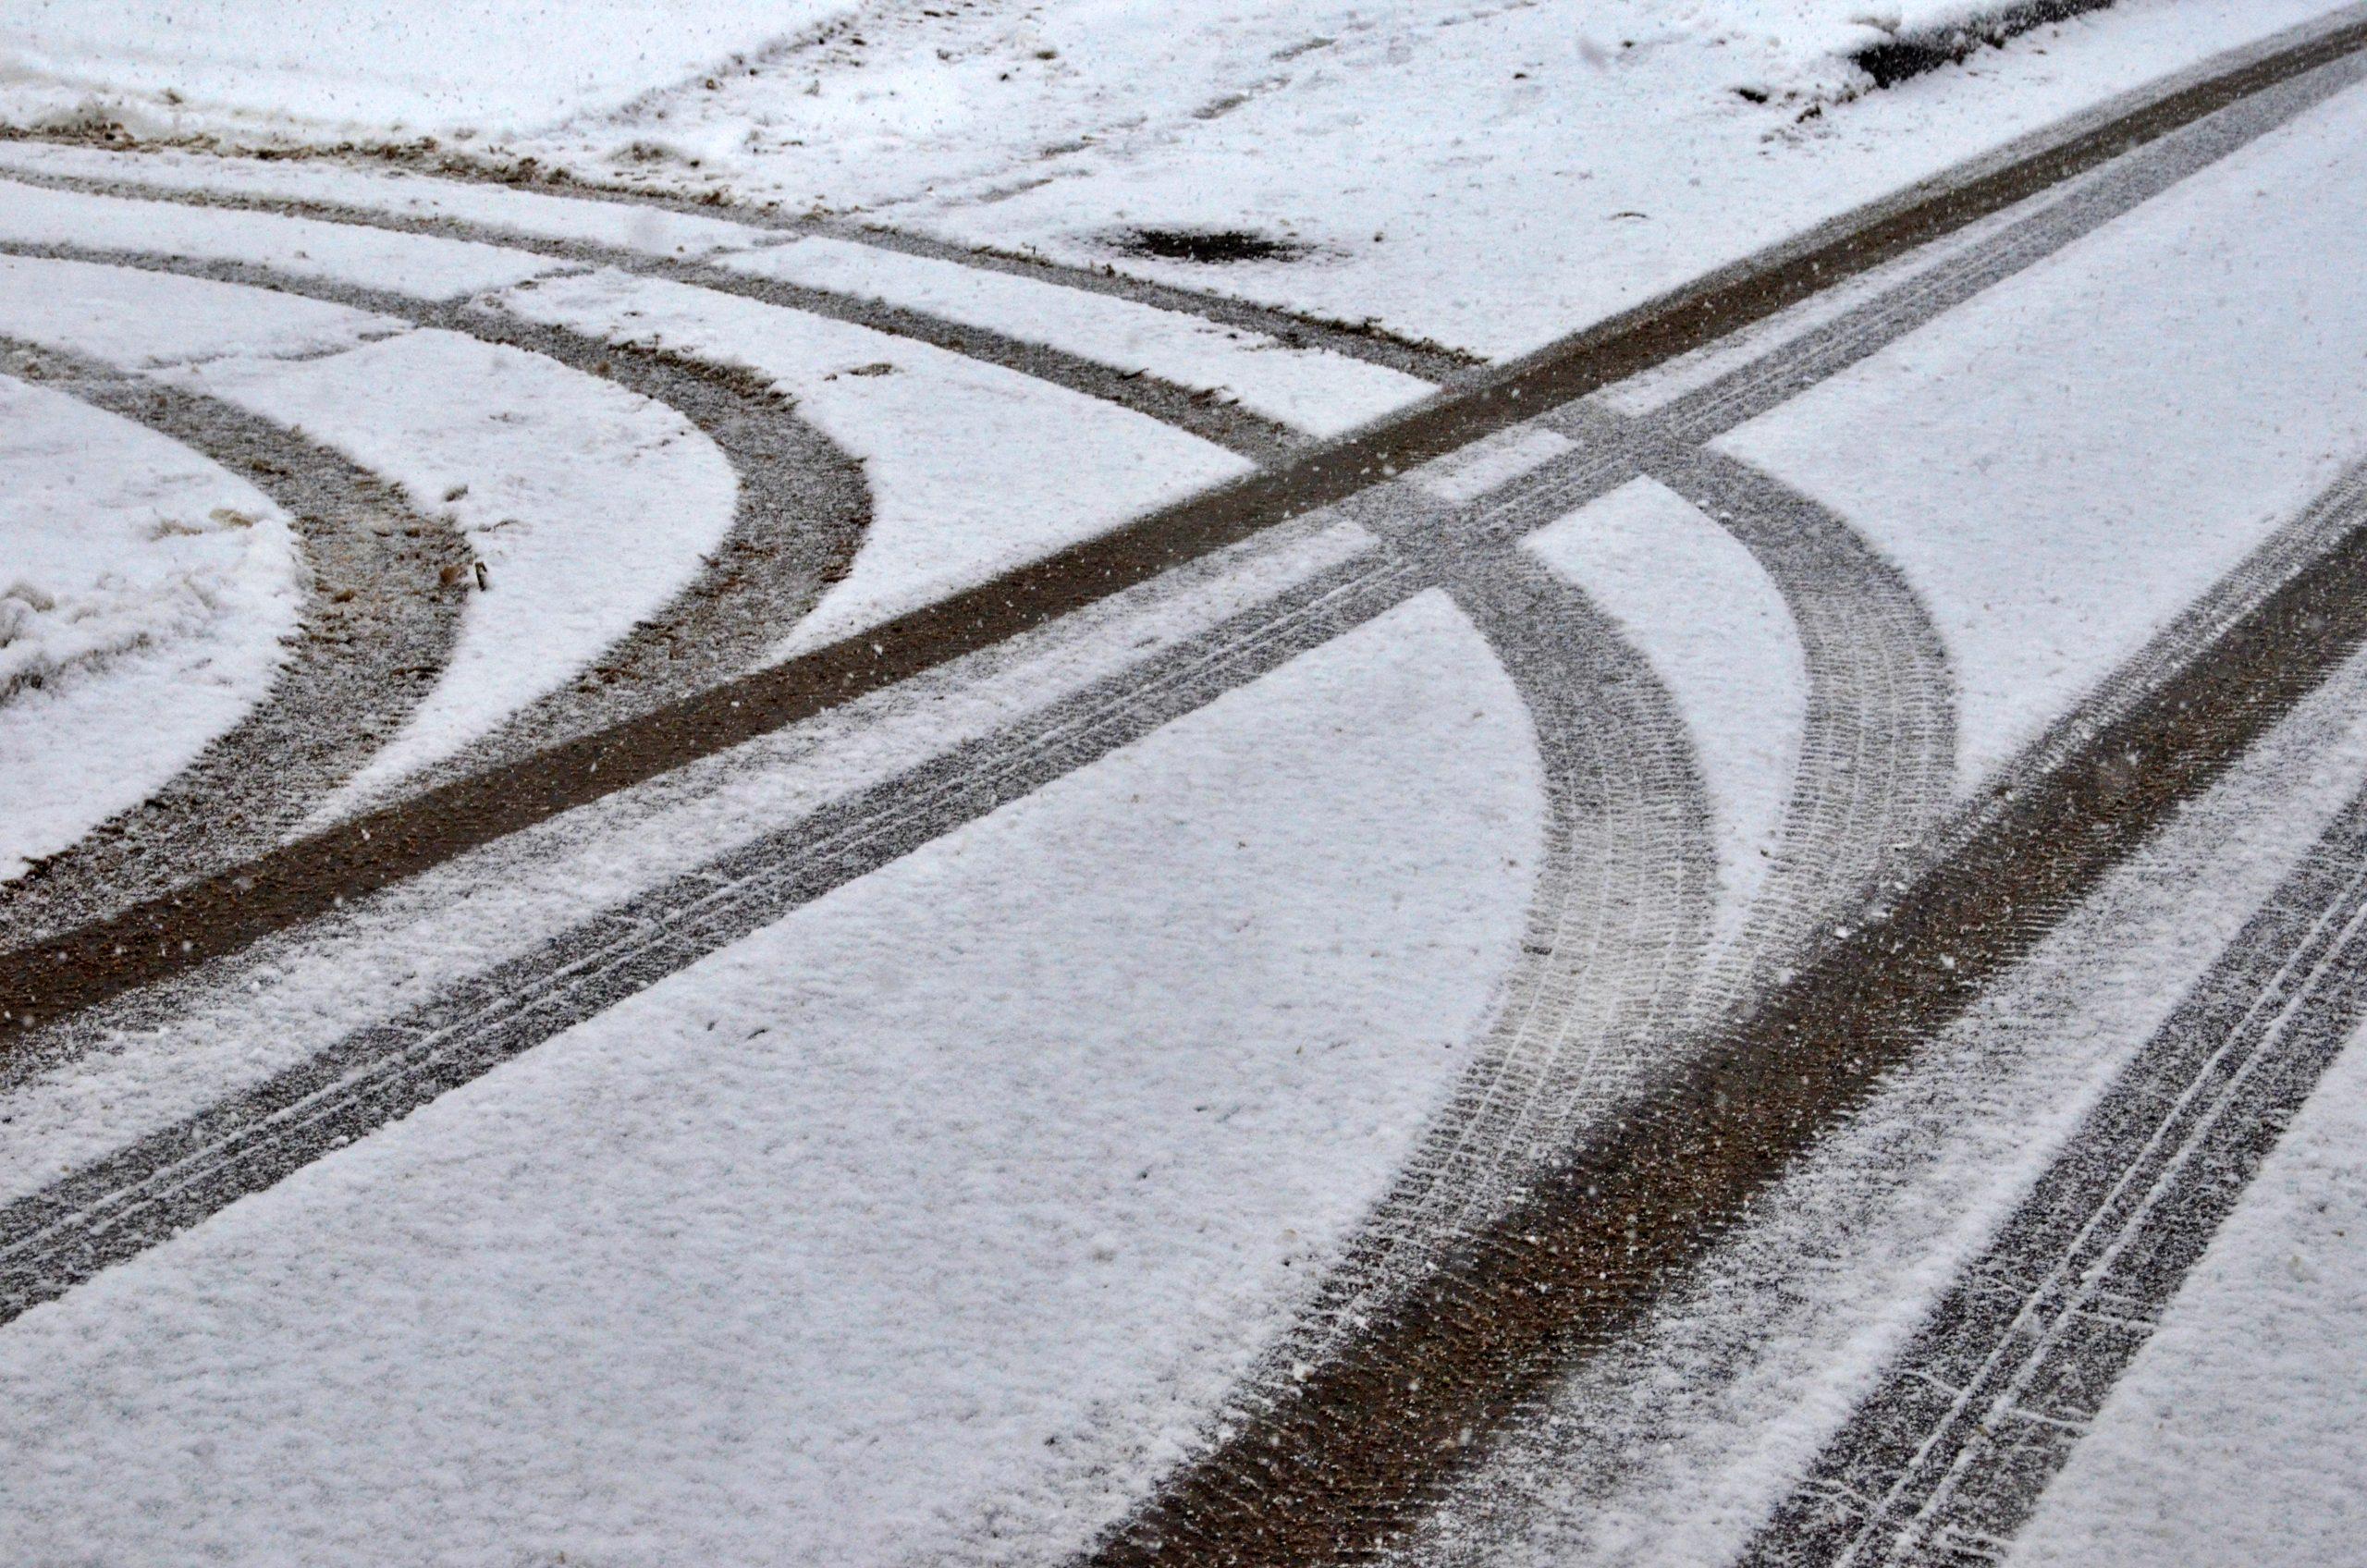 За рулем лучше быть осторожнее. Фото: Анна Быкова